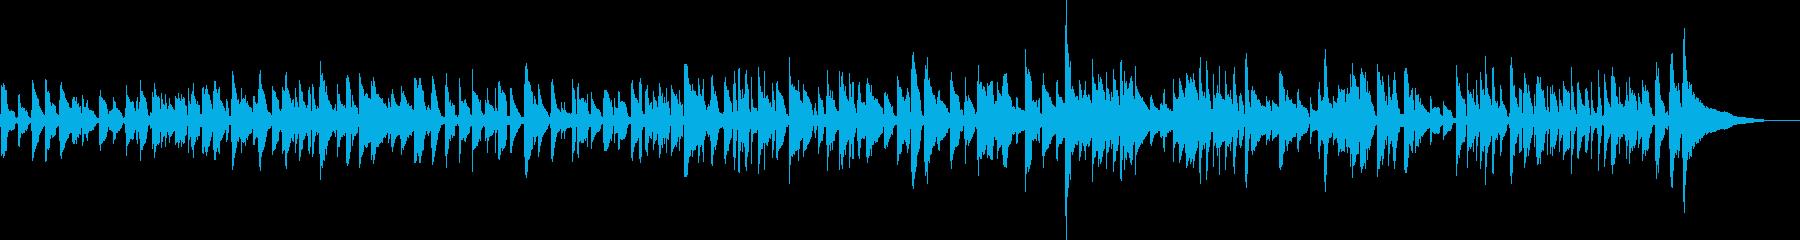 生ギター ウキウキ ウォーキング ソロの再生済みの波形